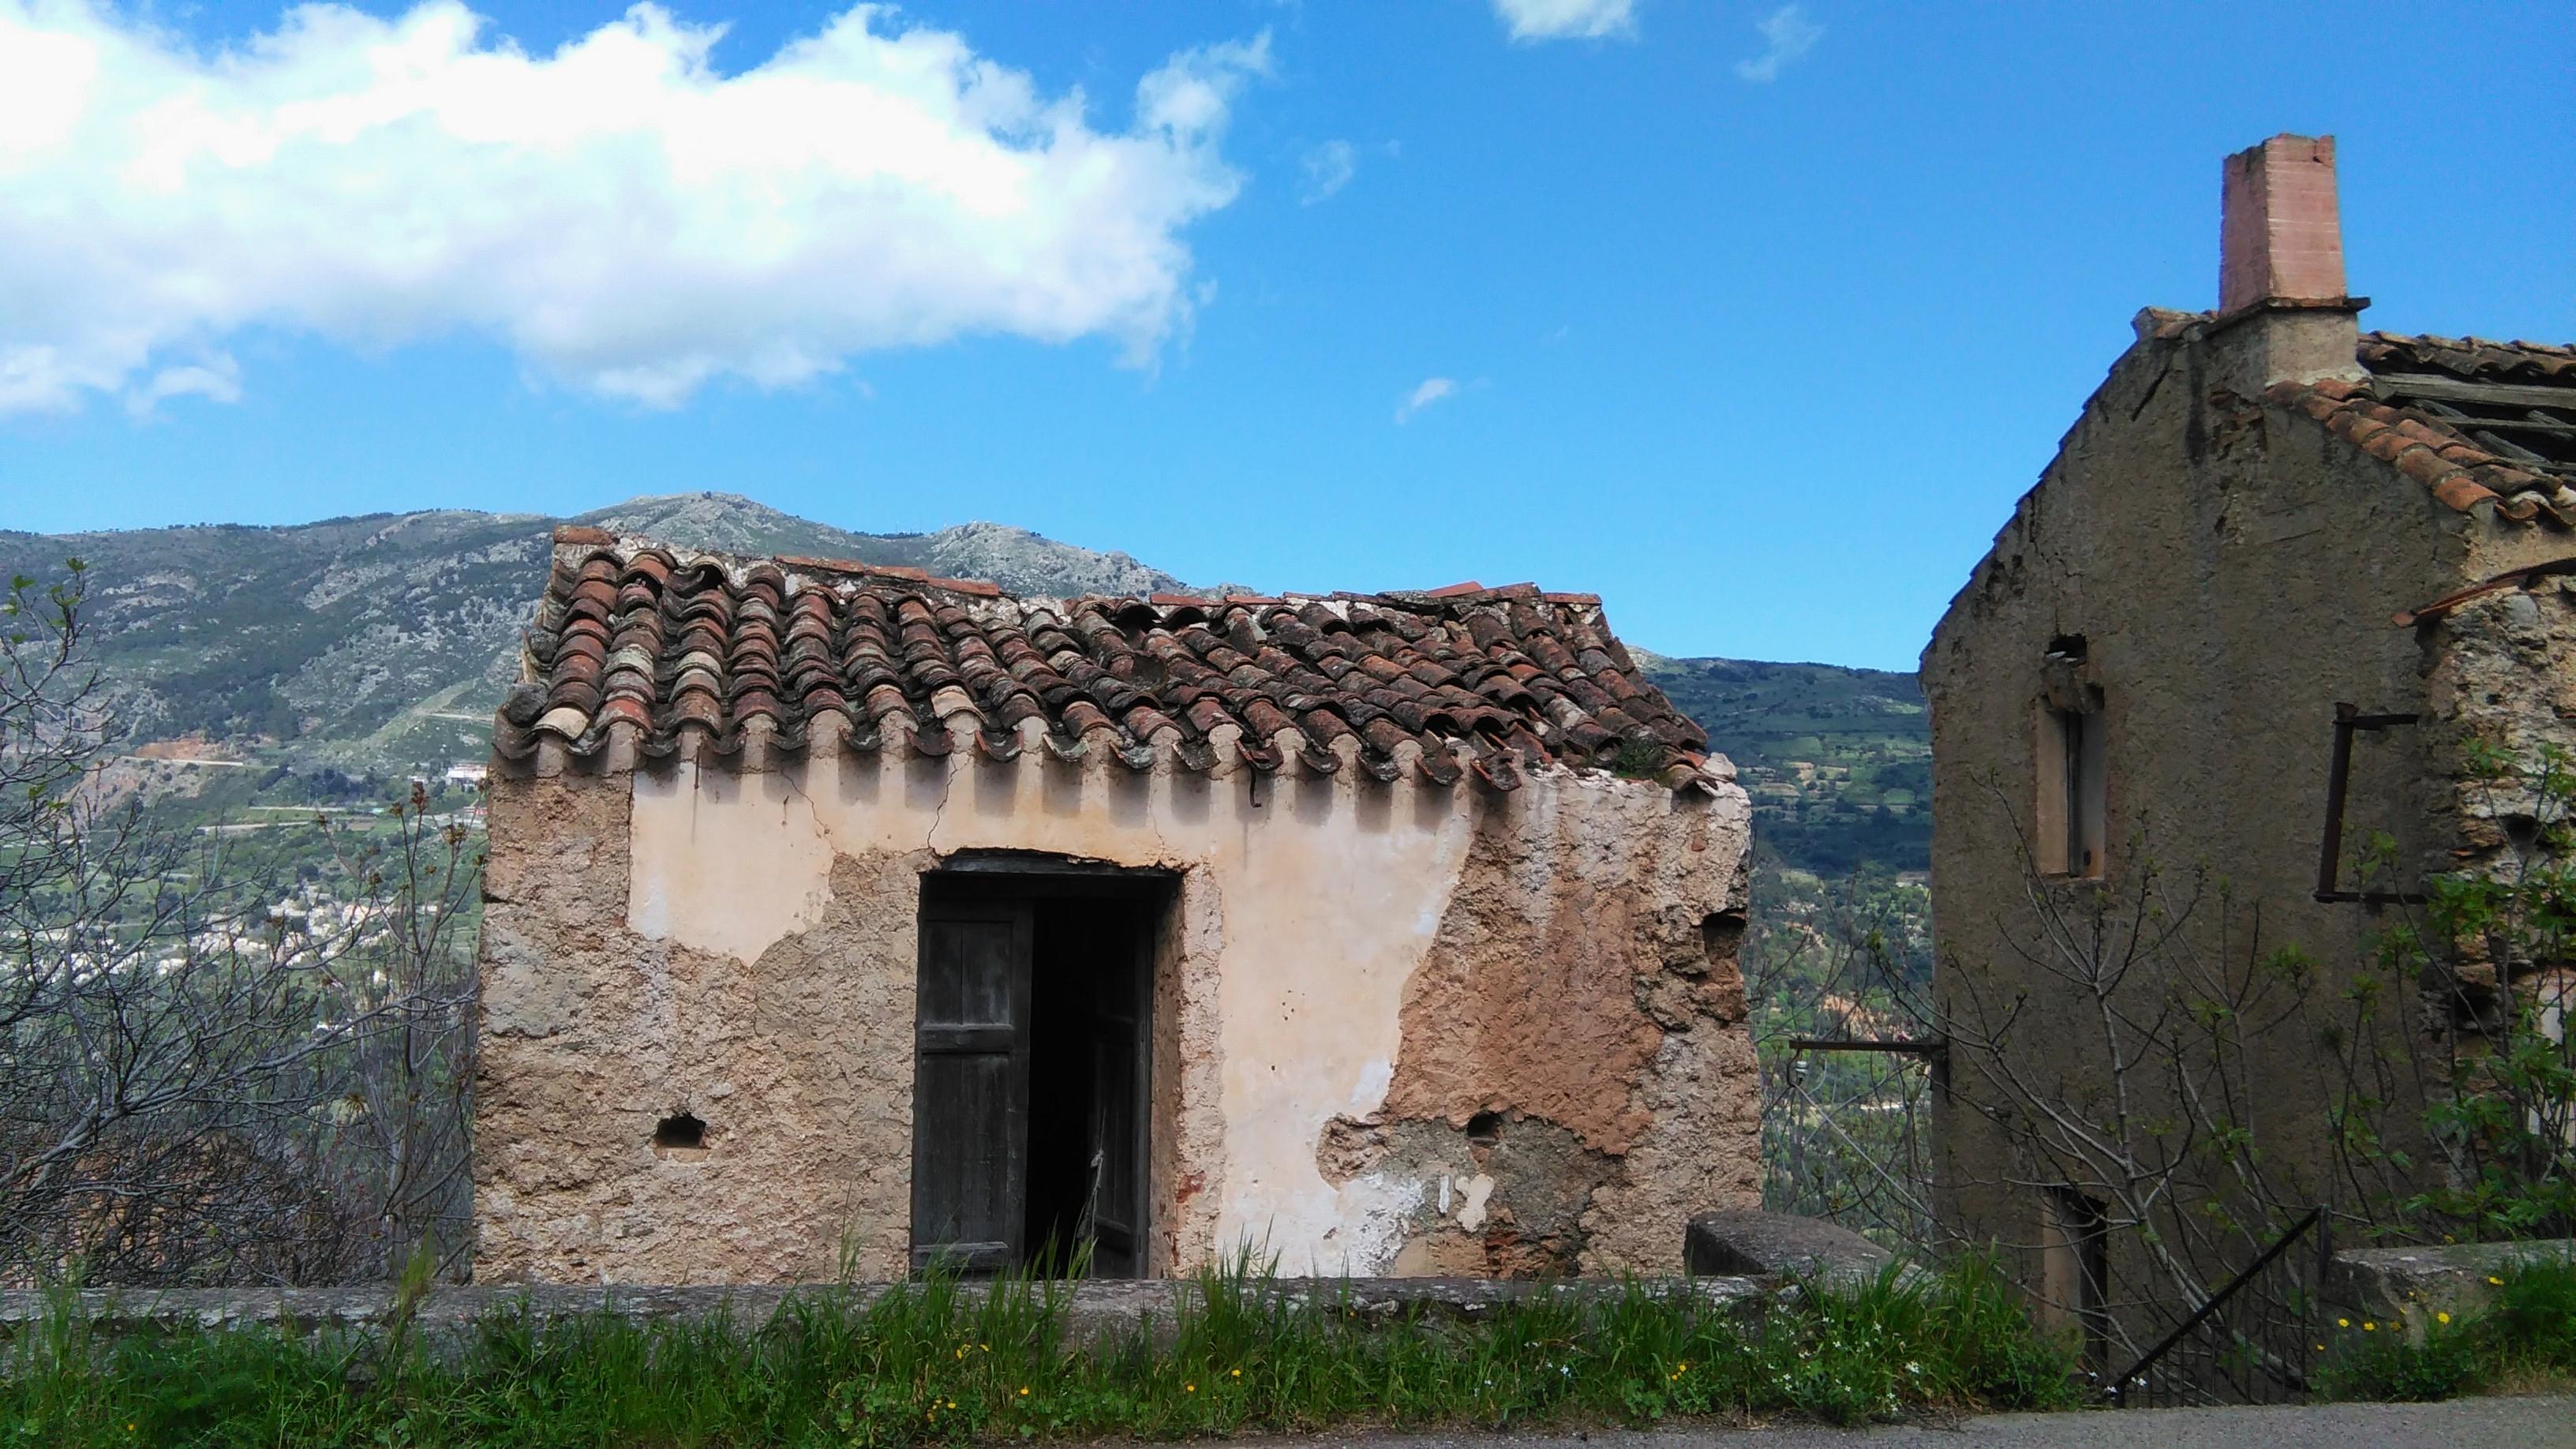 The day after il fantasma di osini vecchio sardinia for Fantasmi nelle case